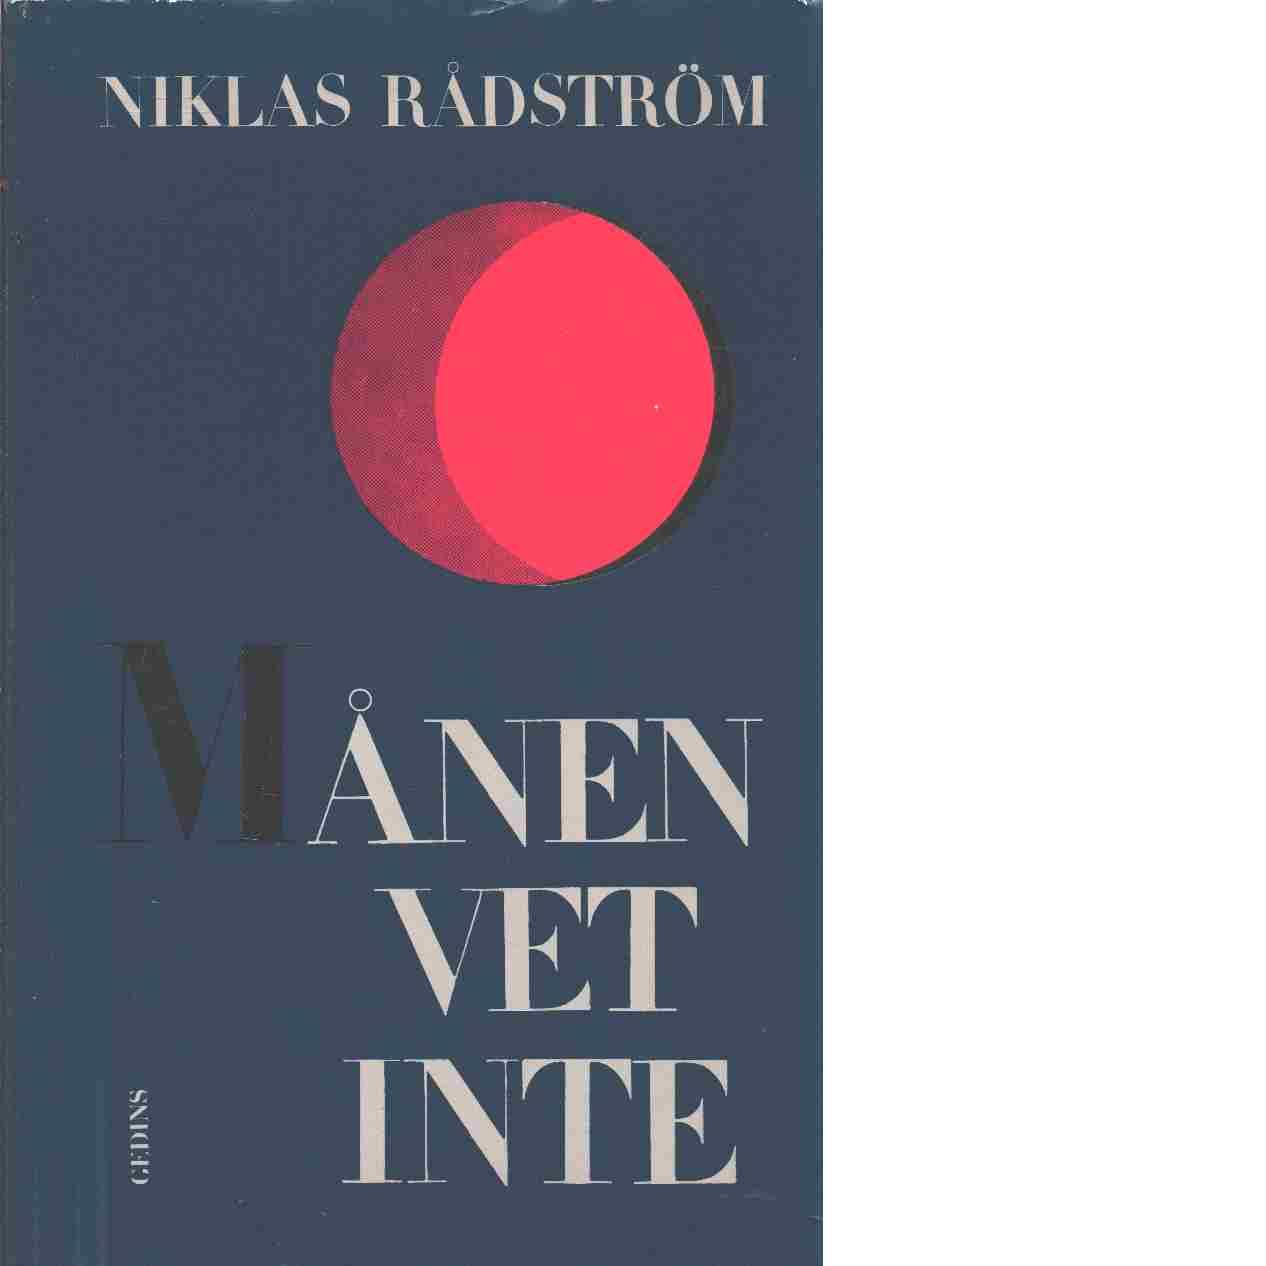 Månen vet inte - Rådström, Niklas